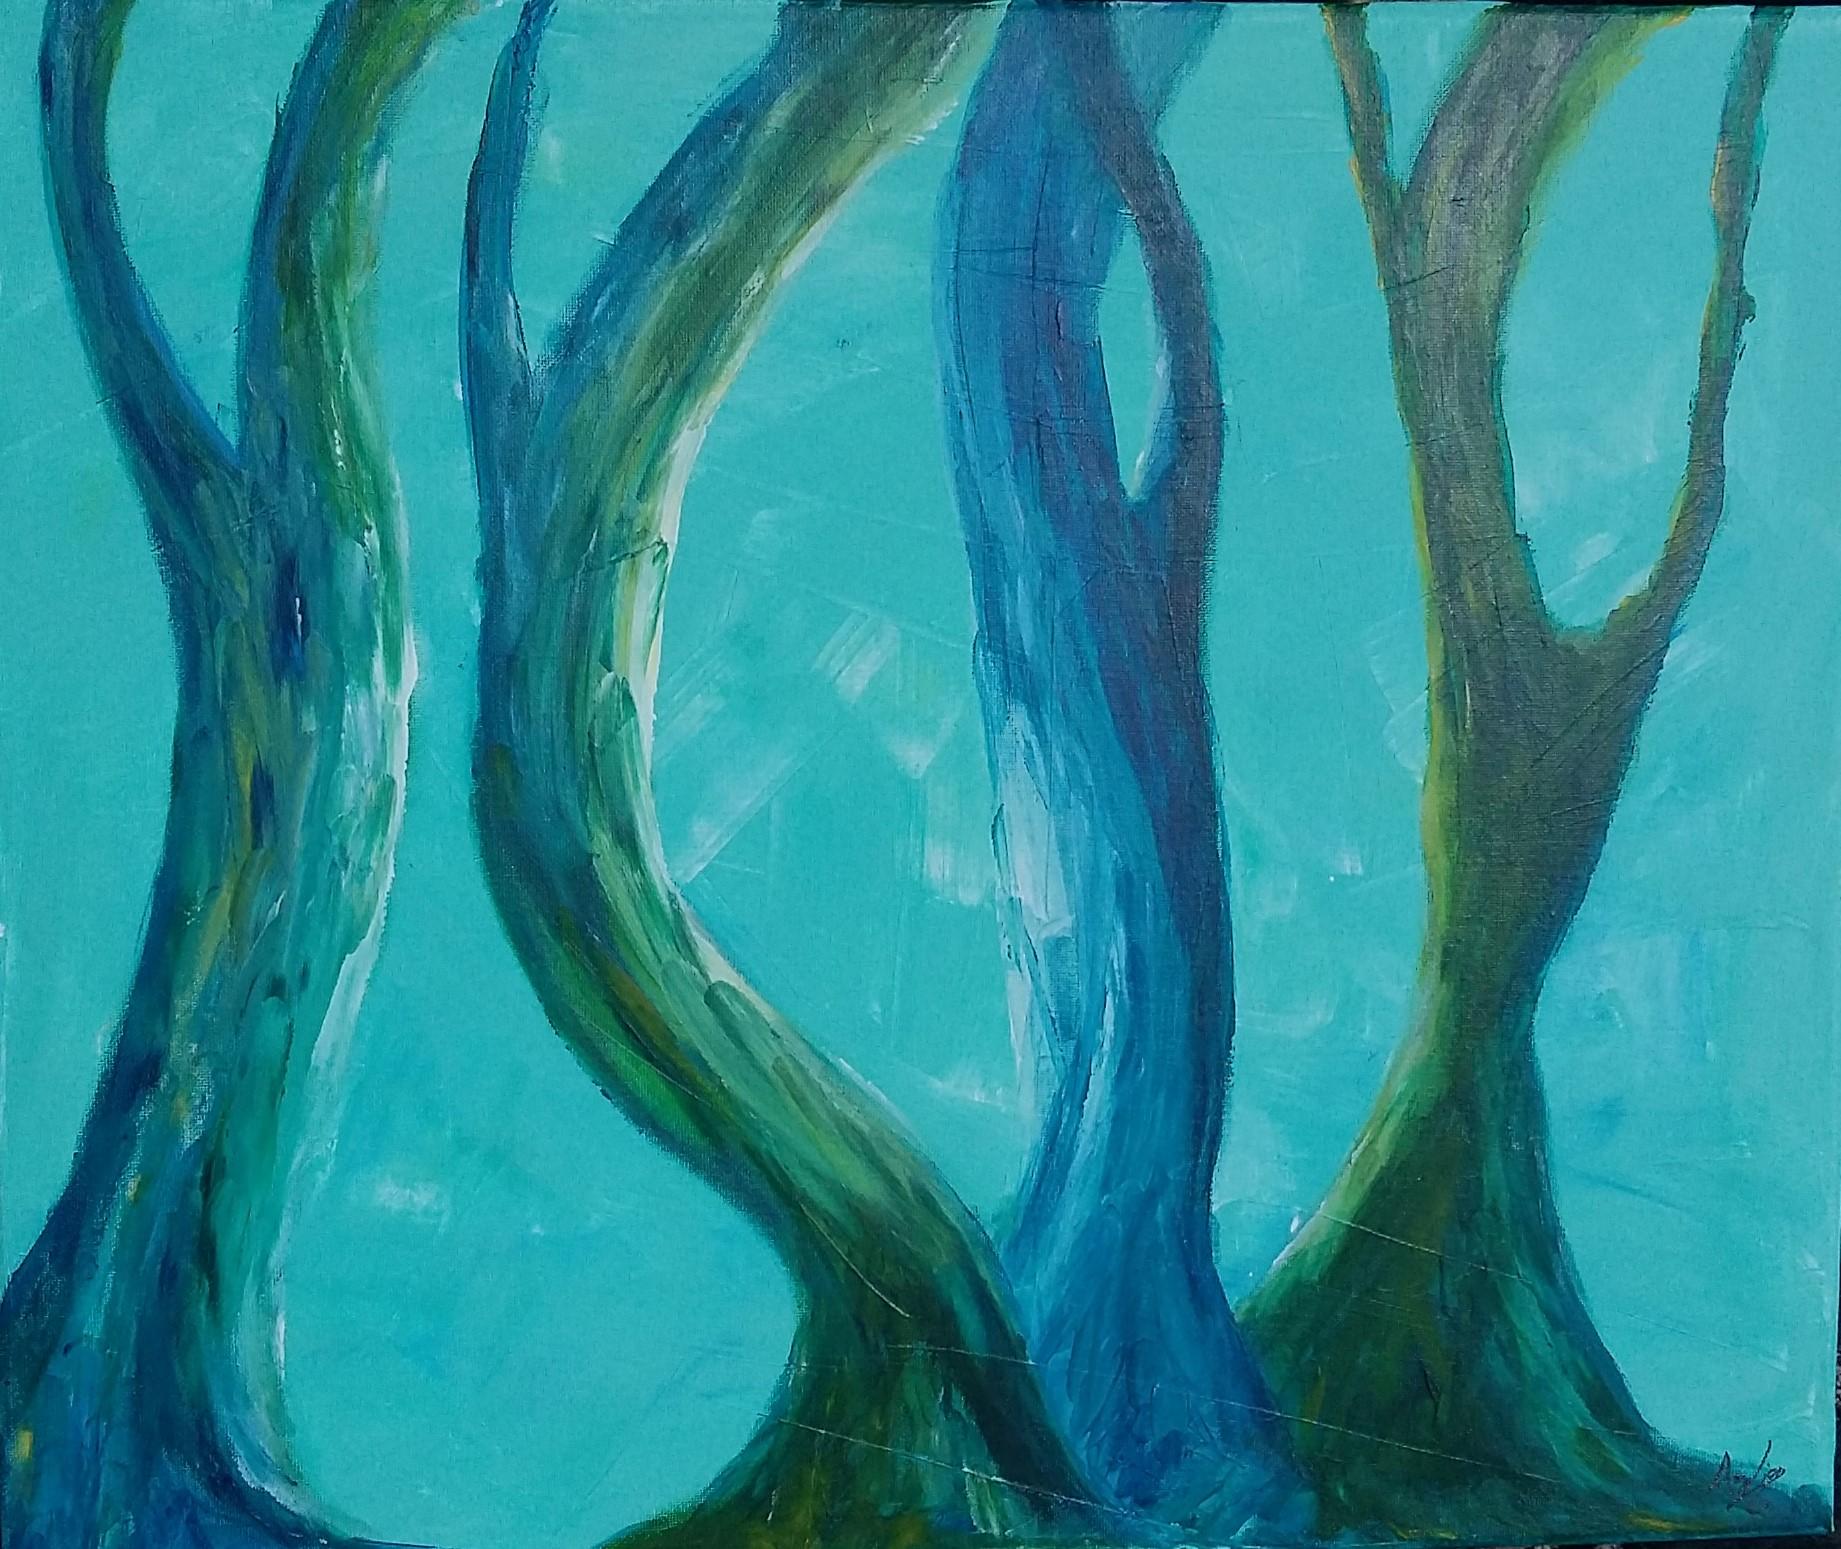 la danse des troncs